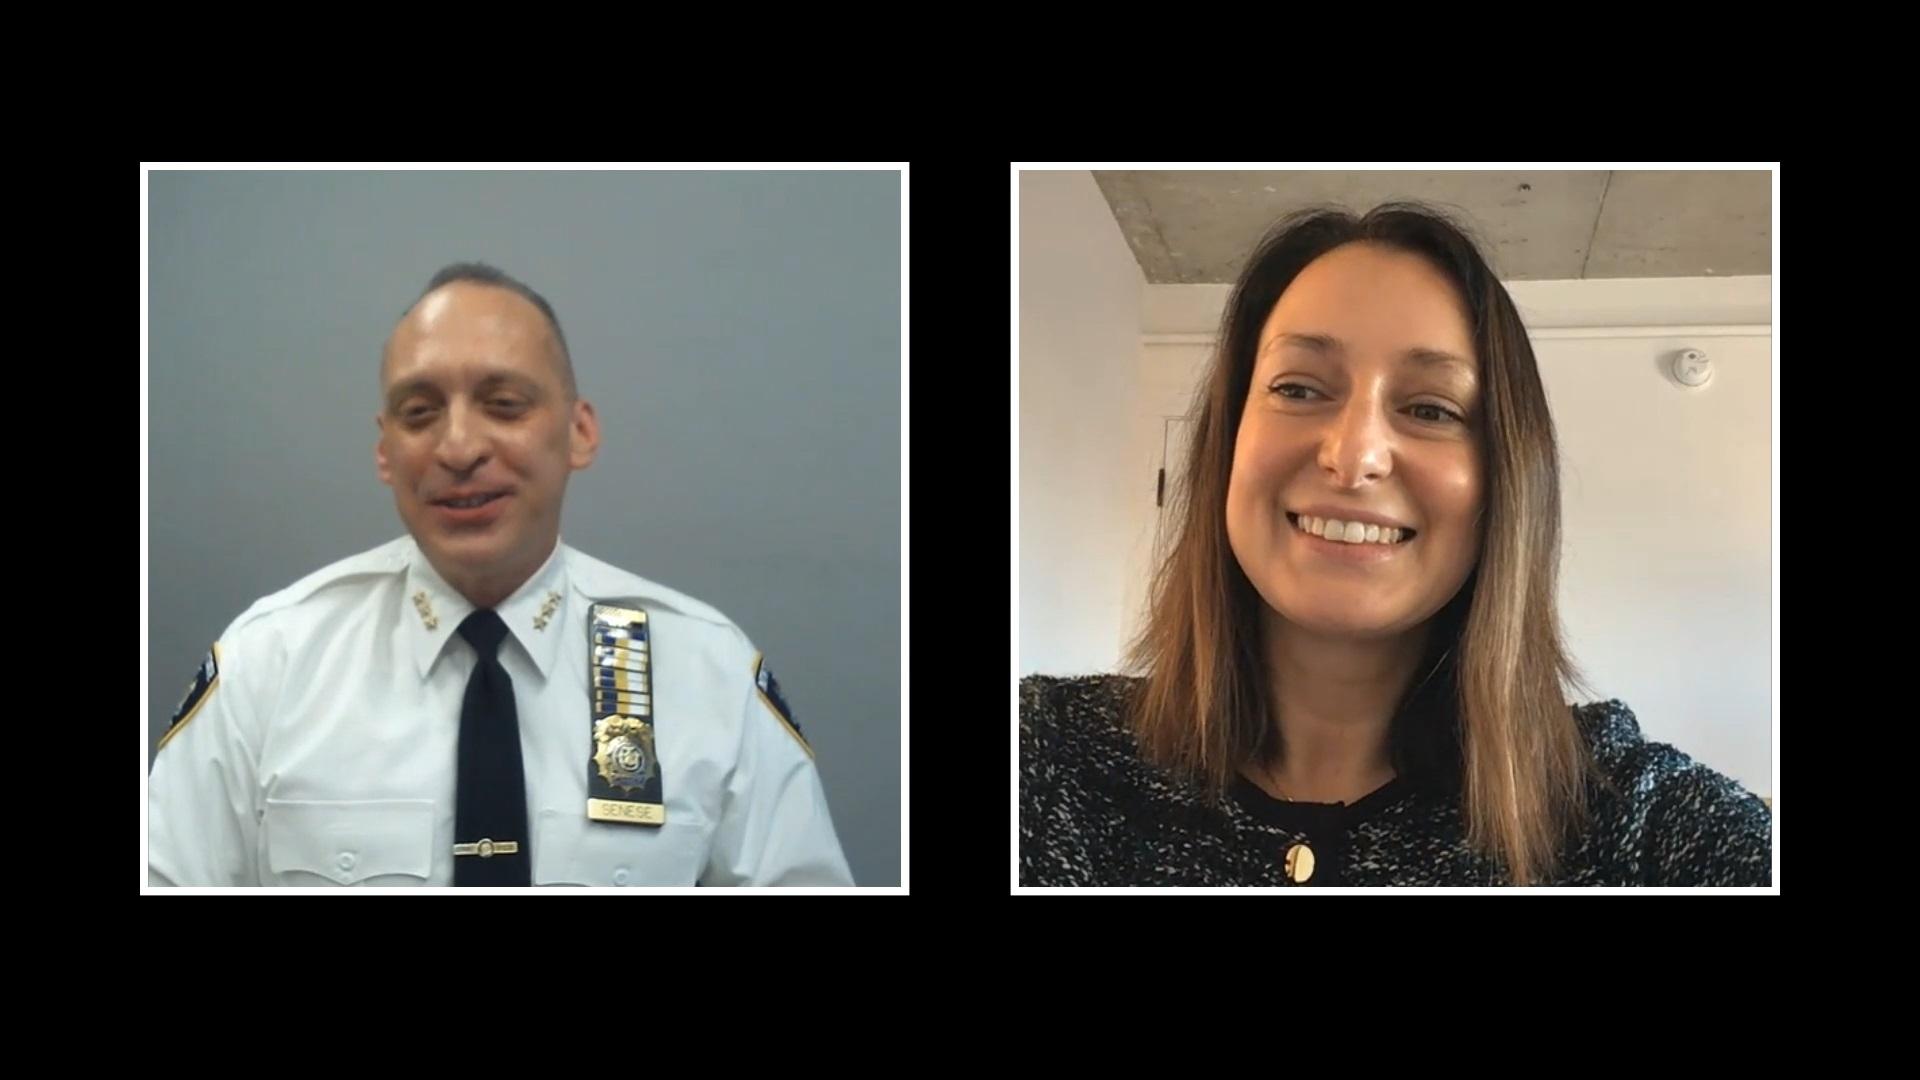 Chief Michael Senese & Danielle C. Quinn